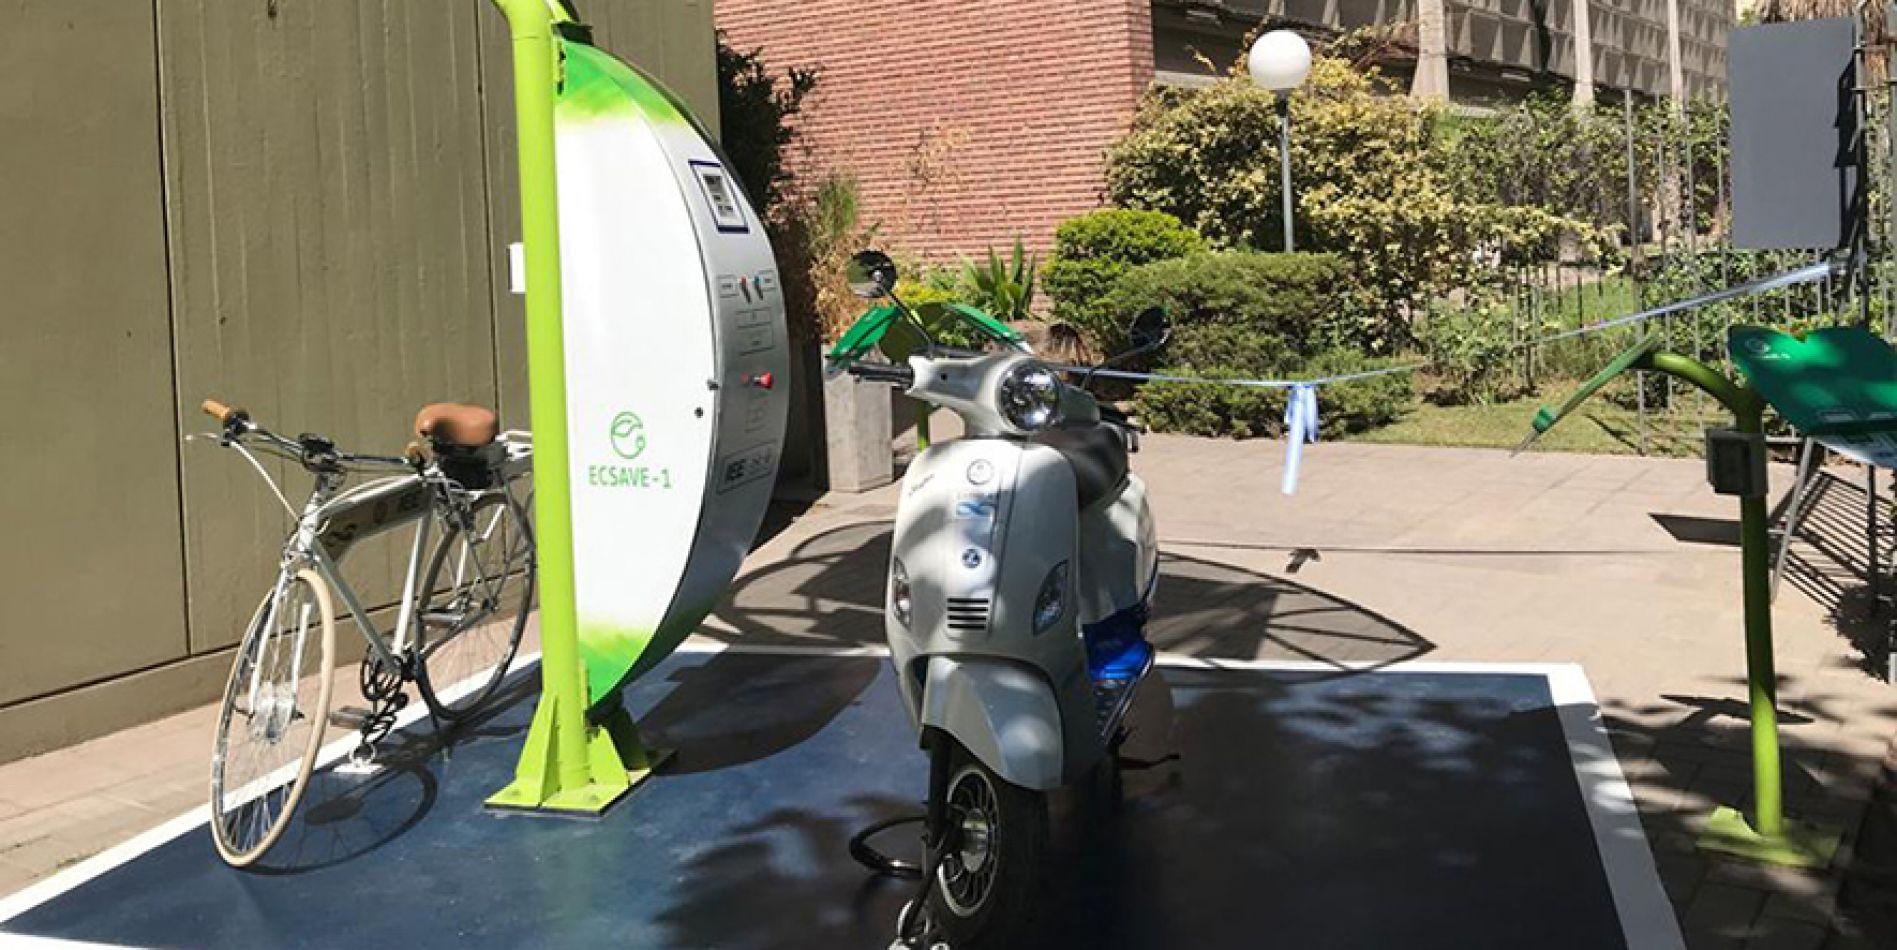 Estación de carga solar autónoma de vehículos eléctricos del país